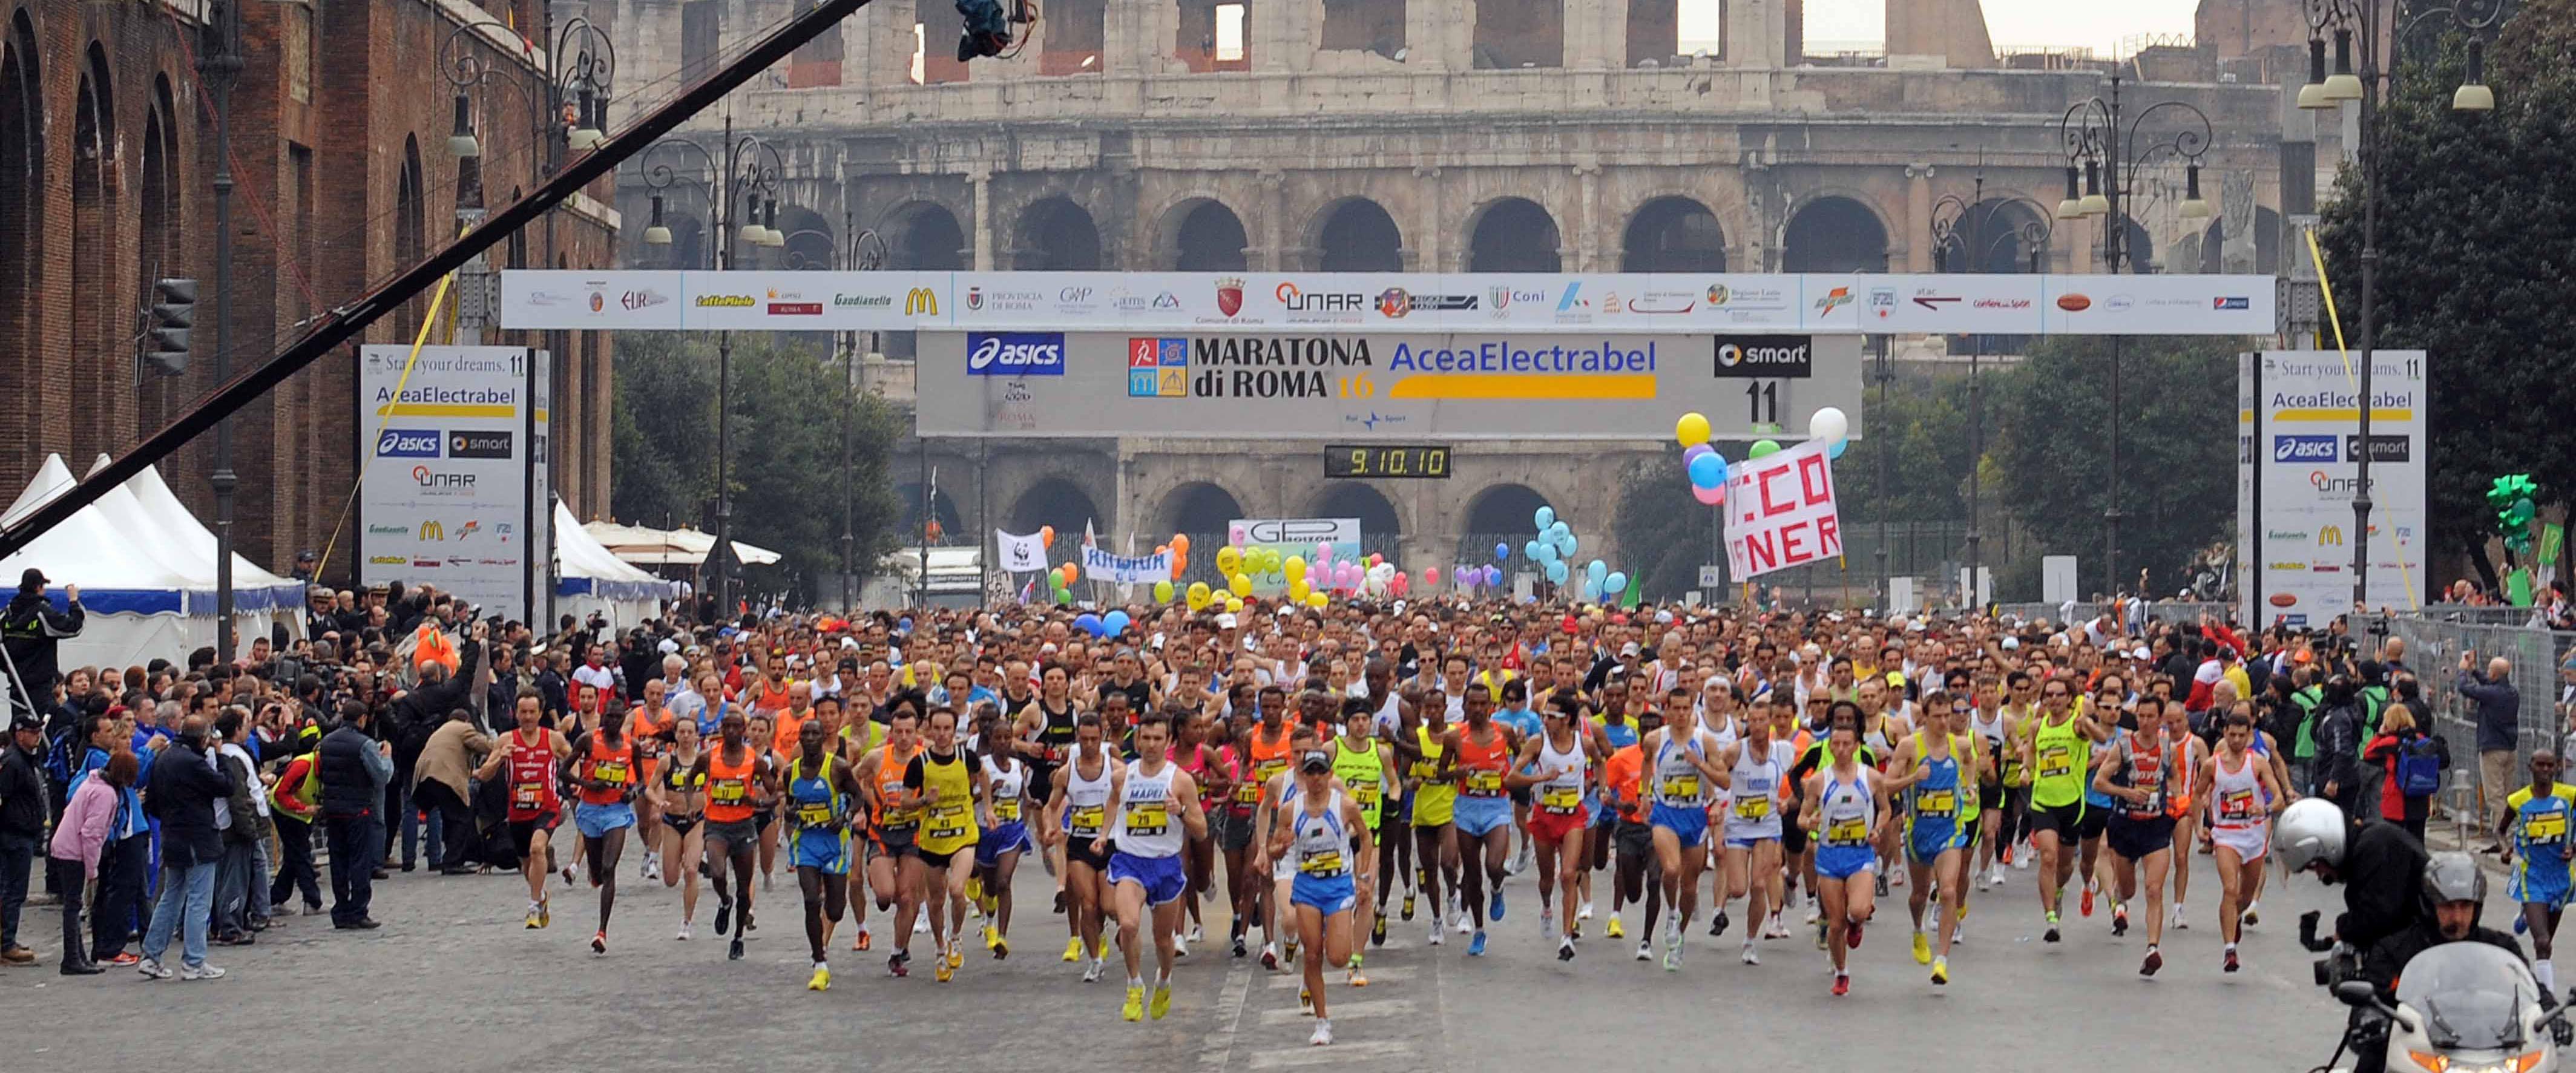 Acea Run Rome The Marathon sarà Campionato Italiano Fispe